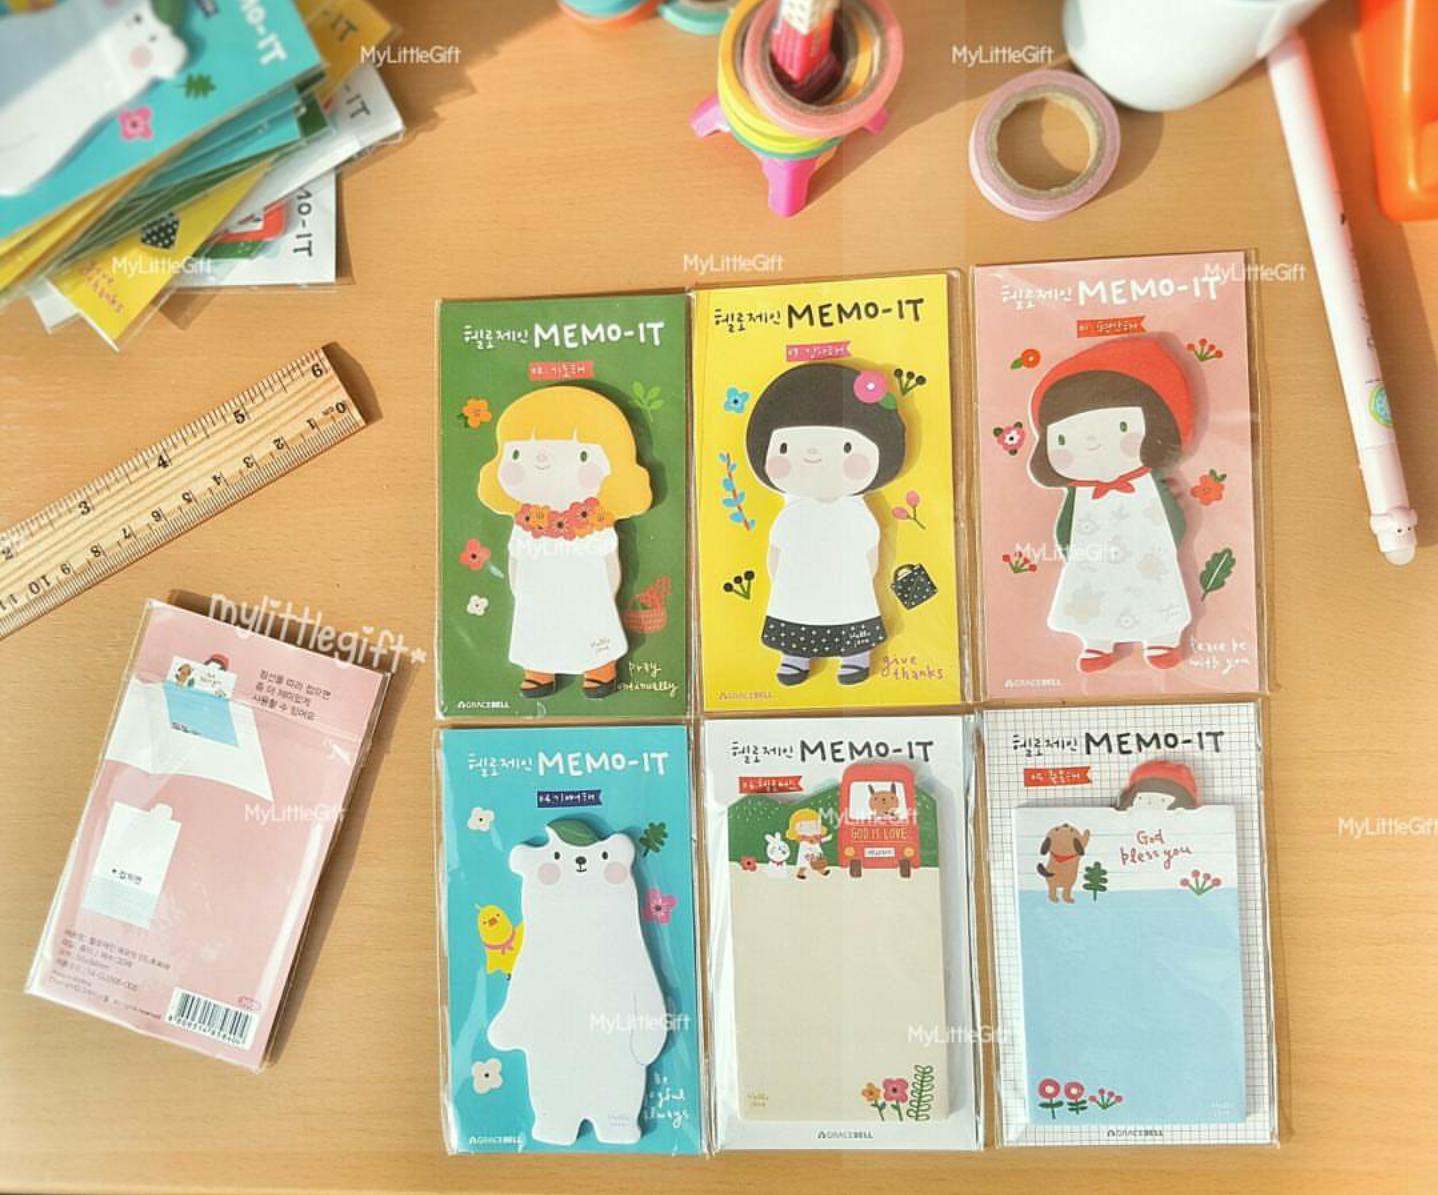 MEMO-IT Sticky Note กระดาษโน๊ตลายตุ๊กตาน่ารักๆ